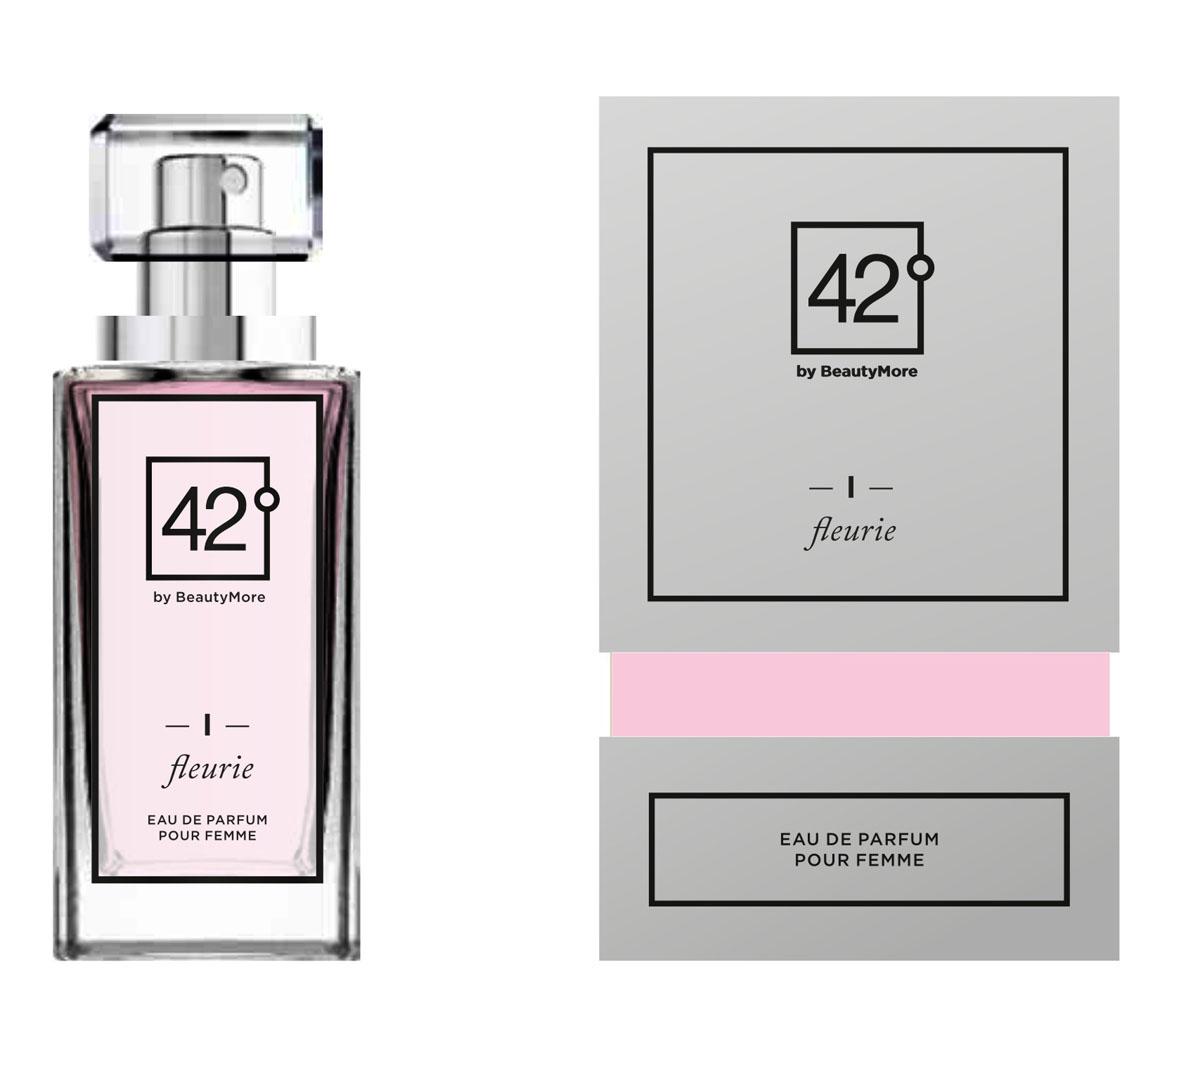 Fragrance 42 Парфюмированная вода для женщин I Fleuri 30 мл42-96152Fleurie -цветочный очаровательный аромат для веселых и очаровательных женщин. Верхняя нота - апельсин, бергамот, нота сердца - роза,восточный жасмин, базовые ноты -ветивер, белый мускус,пачули,ваниль